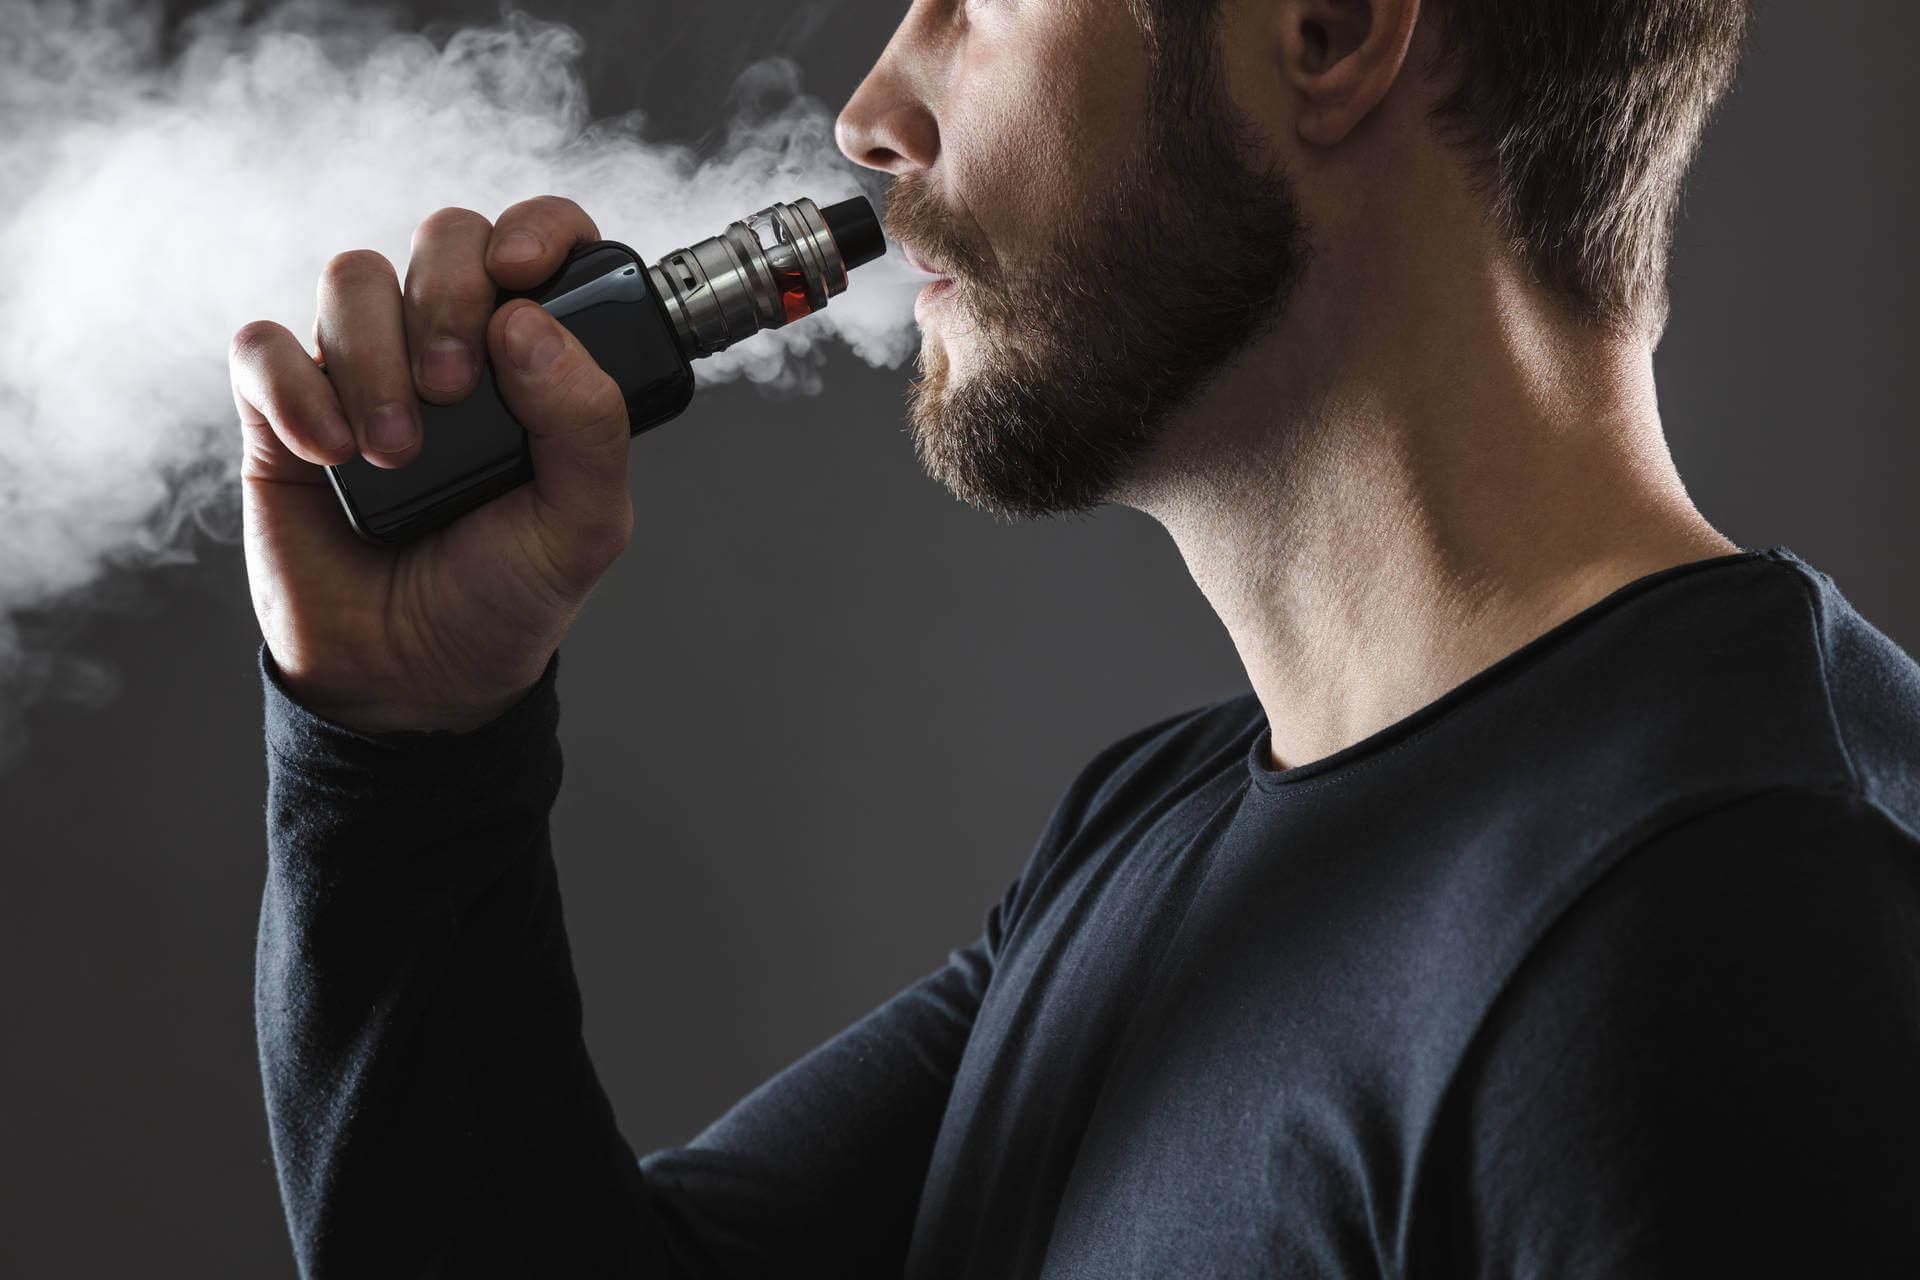 Zugtechnik bei der E-Zigarette